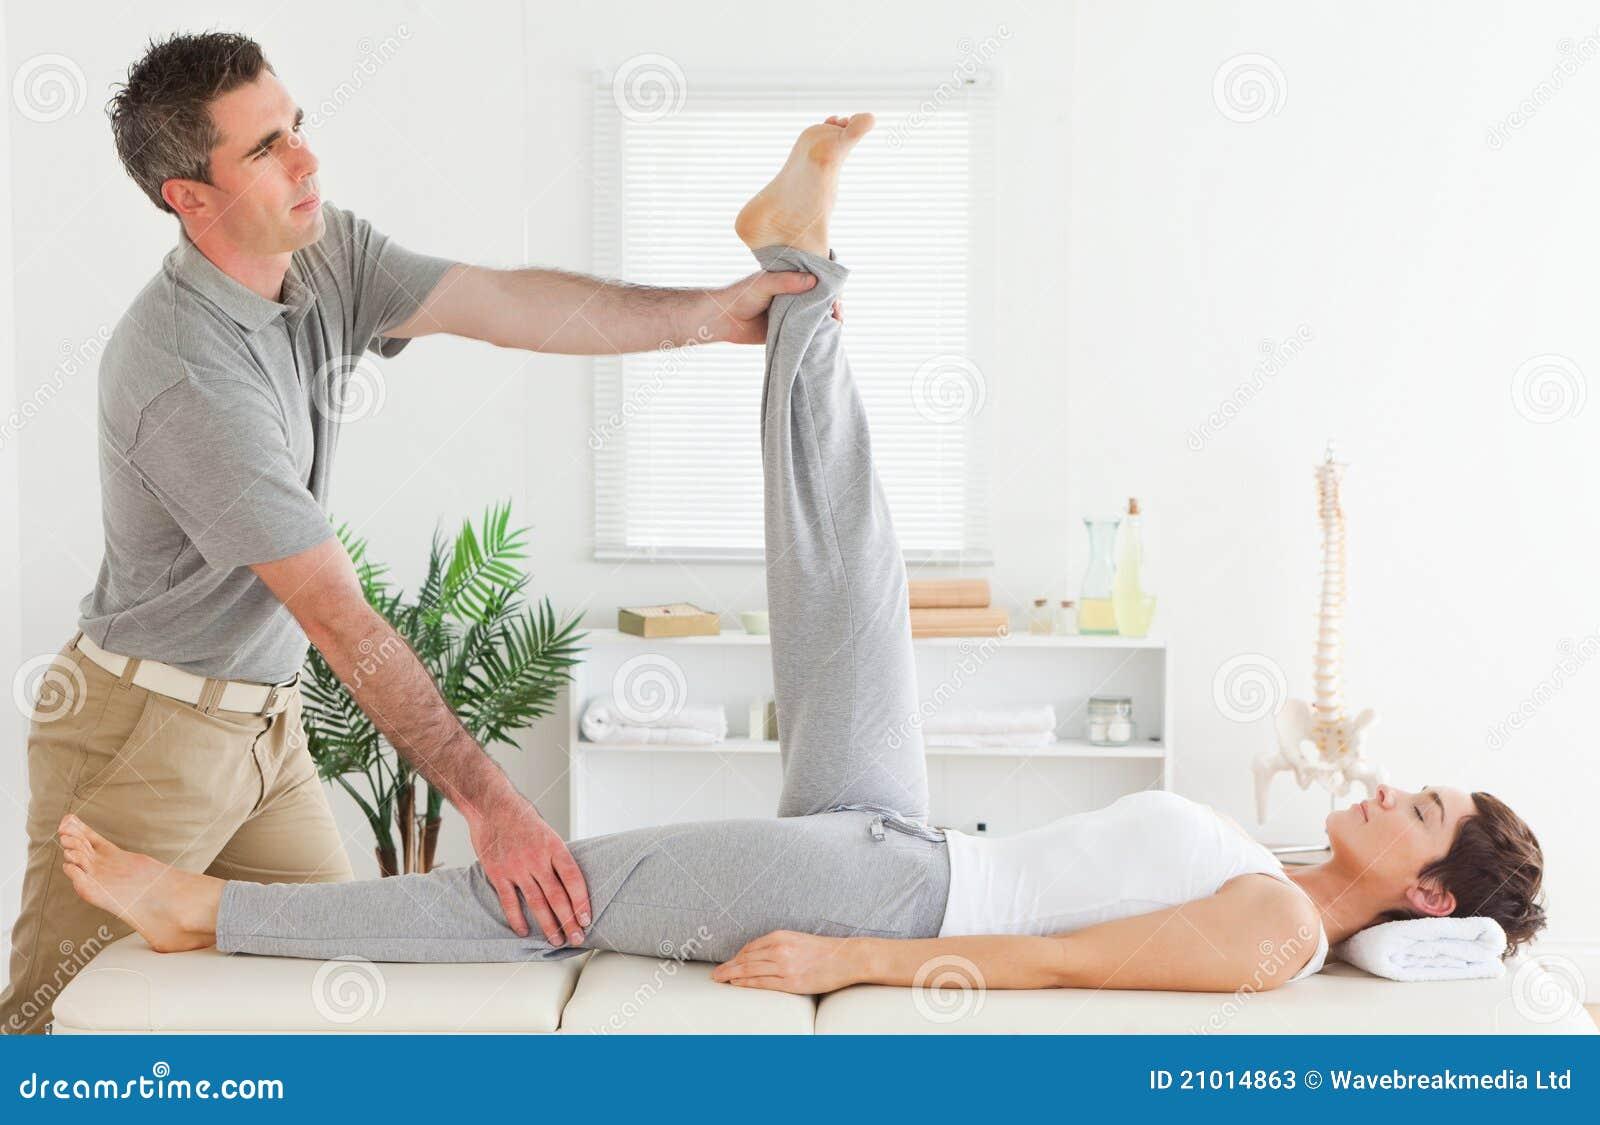 Chiropracticus het uitrekken zich het been van een wijfje